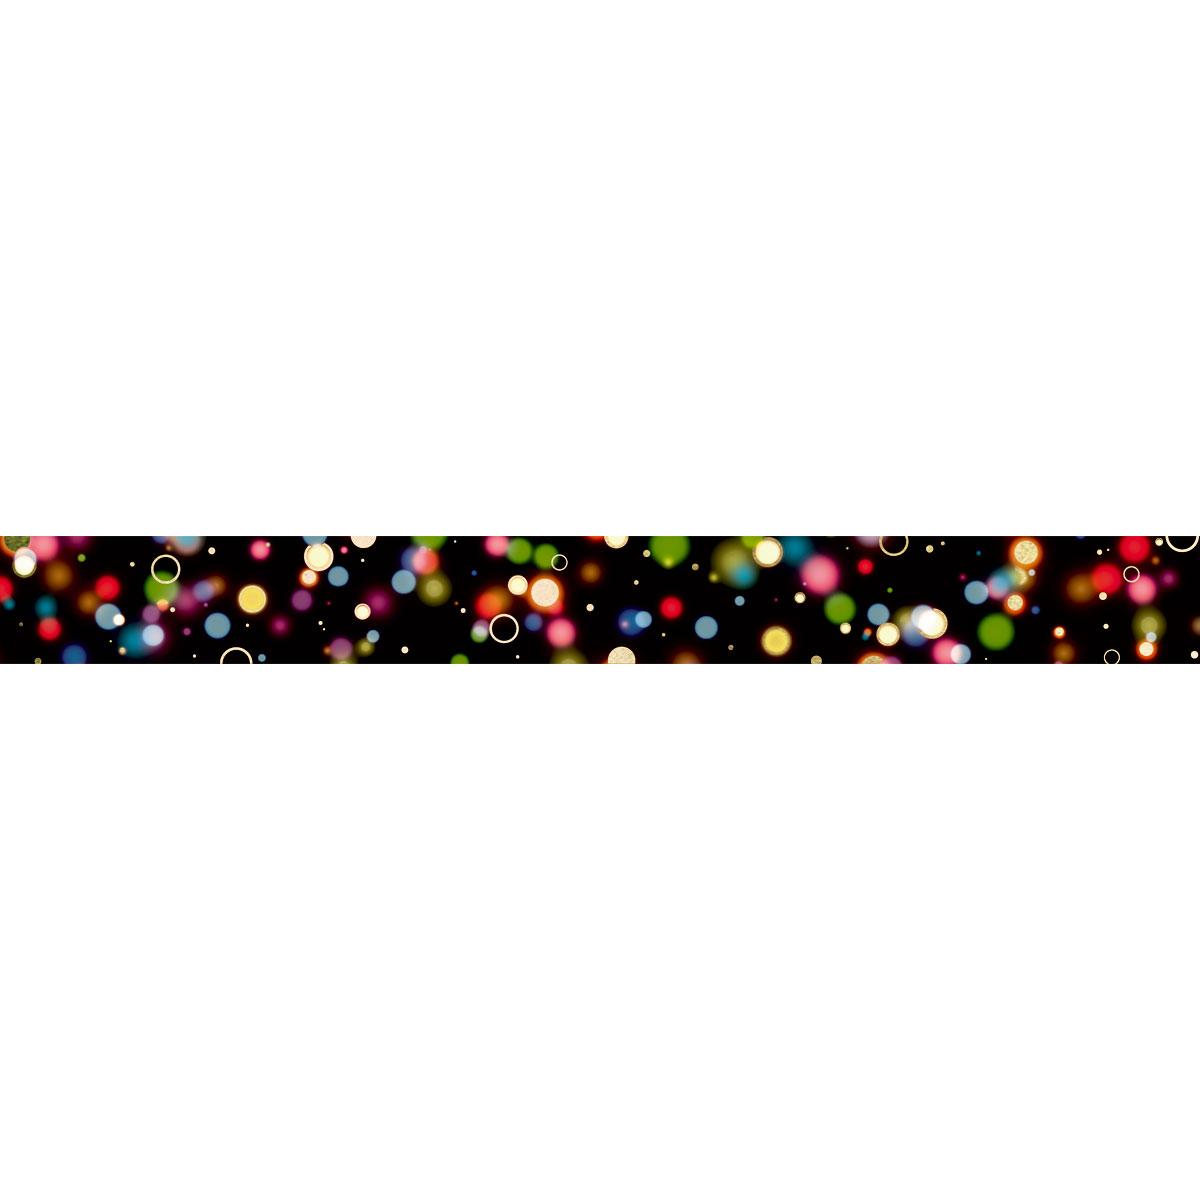 【マスキングテープ】ネオンドット ブラック 15mm